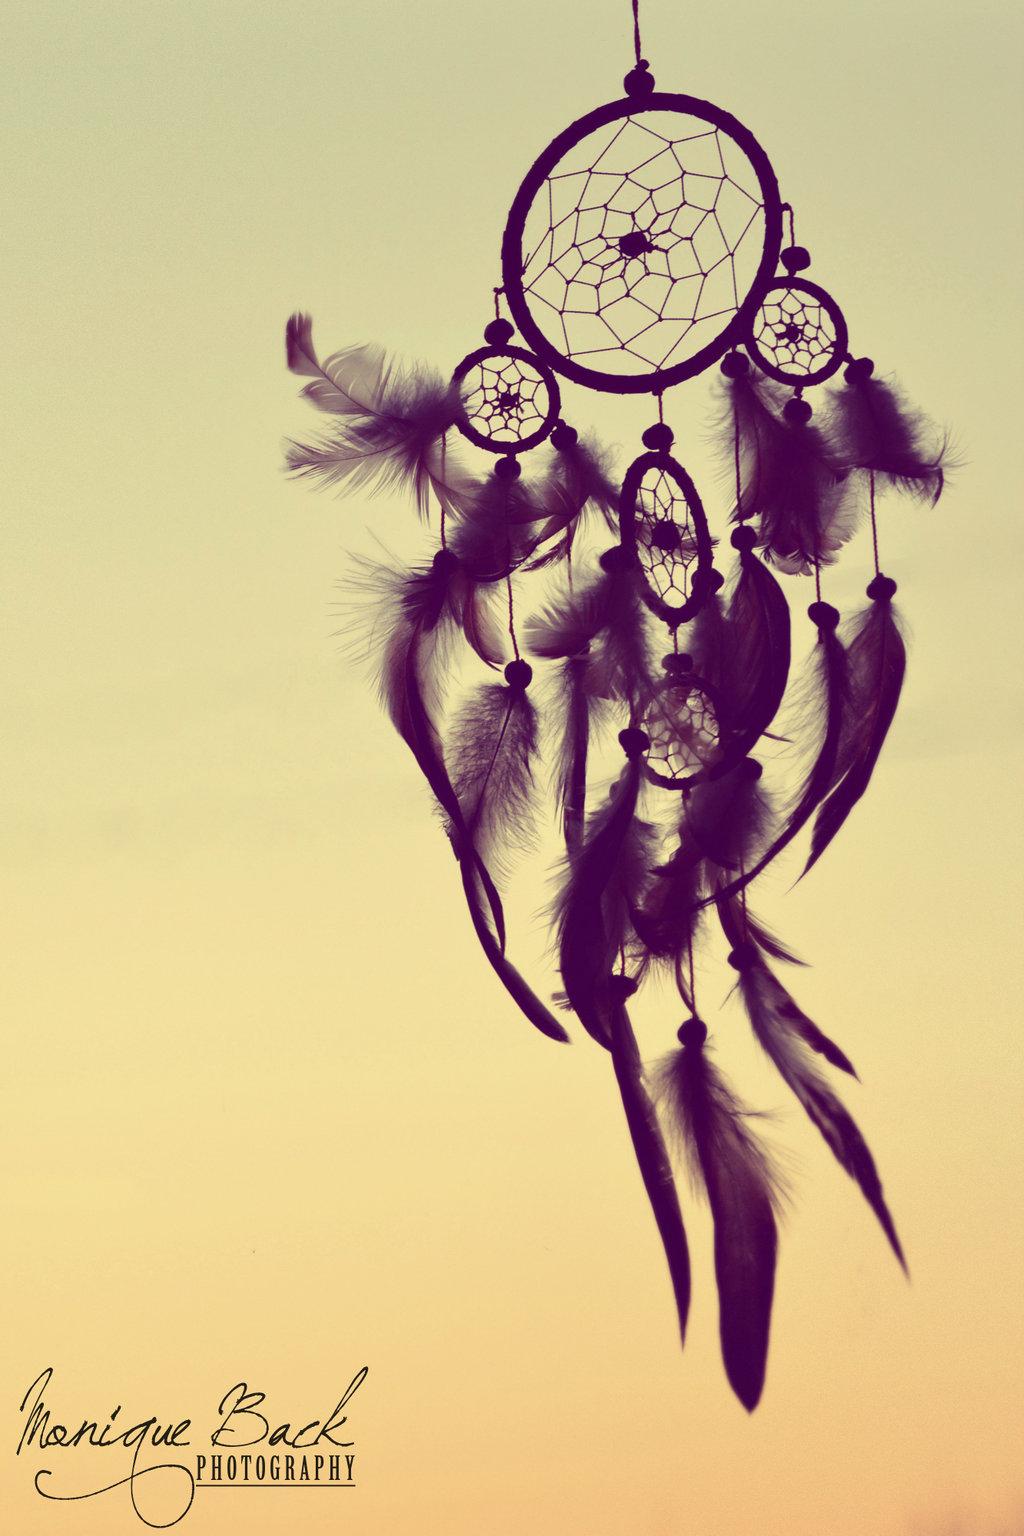 Tumblr iphone wallpaper dreamcatcher - Dreamcatcher Wallpaper Tumblr Hd Dreamcatcher Silhouette By